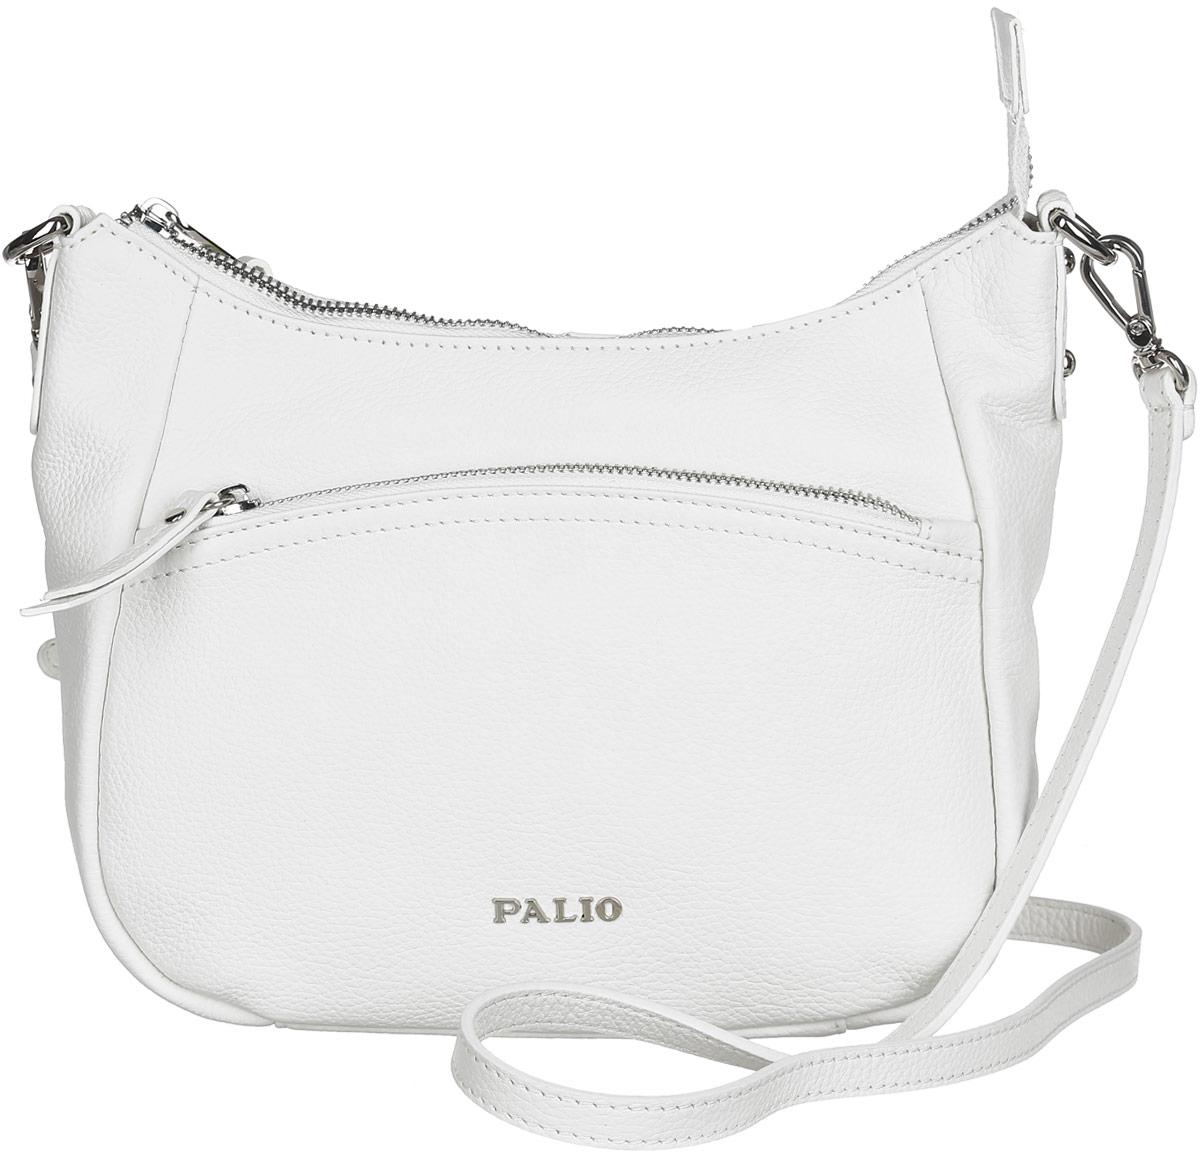 Сумка женская Palio, цвет: белый. 13738A-06513738A-065 whiteСтильная сумка Palio, выполненная из натуральной кожи с зернистой фактурой, оформлена символикой бренда и металлической фурнитурой. Изделие застегивается на застежку-молнию, внутри расположены два накладных кармашка для мелочей и врезной карман на молнии. Снаружи, на задней стороне изделия, расположен врезной карман на молнии. Лицевая сторона также дополнена врезным карманом на молнии. Изделие оснащено практичным плечевым ремнем регулируемой длины. К сумке прилагается фирменный чехол для хранения. Элегантная сумка прекрасно дополнит ваш образ.